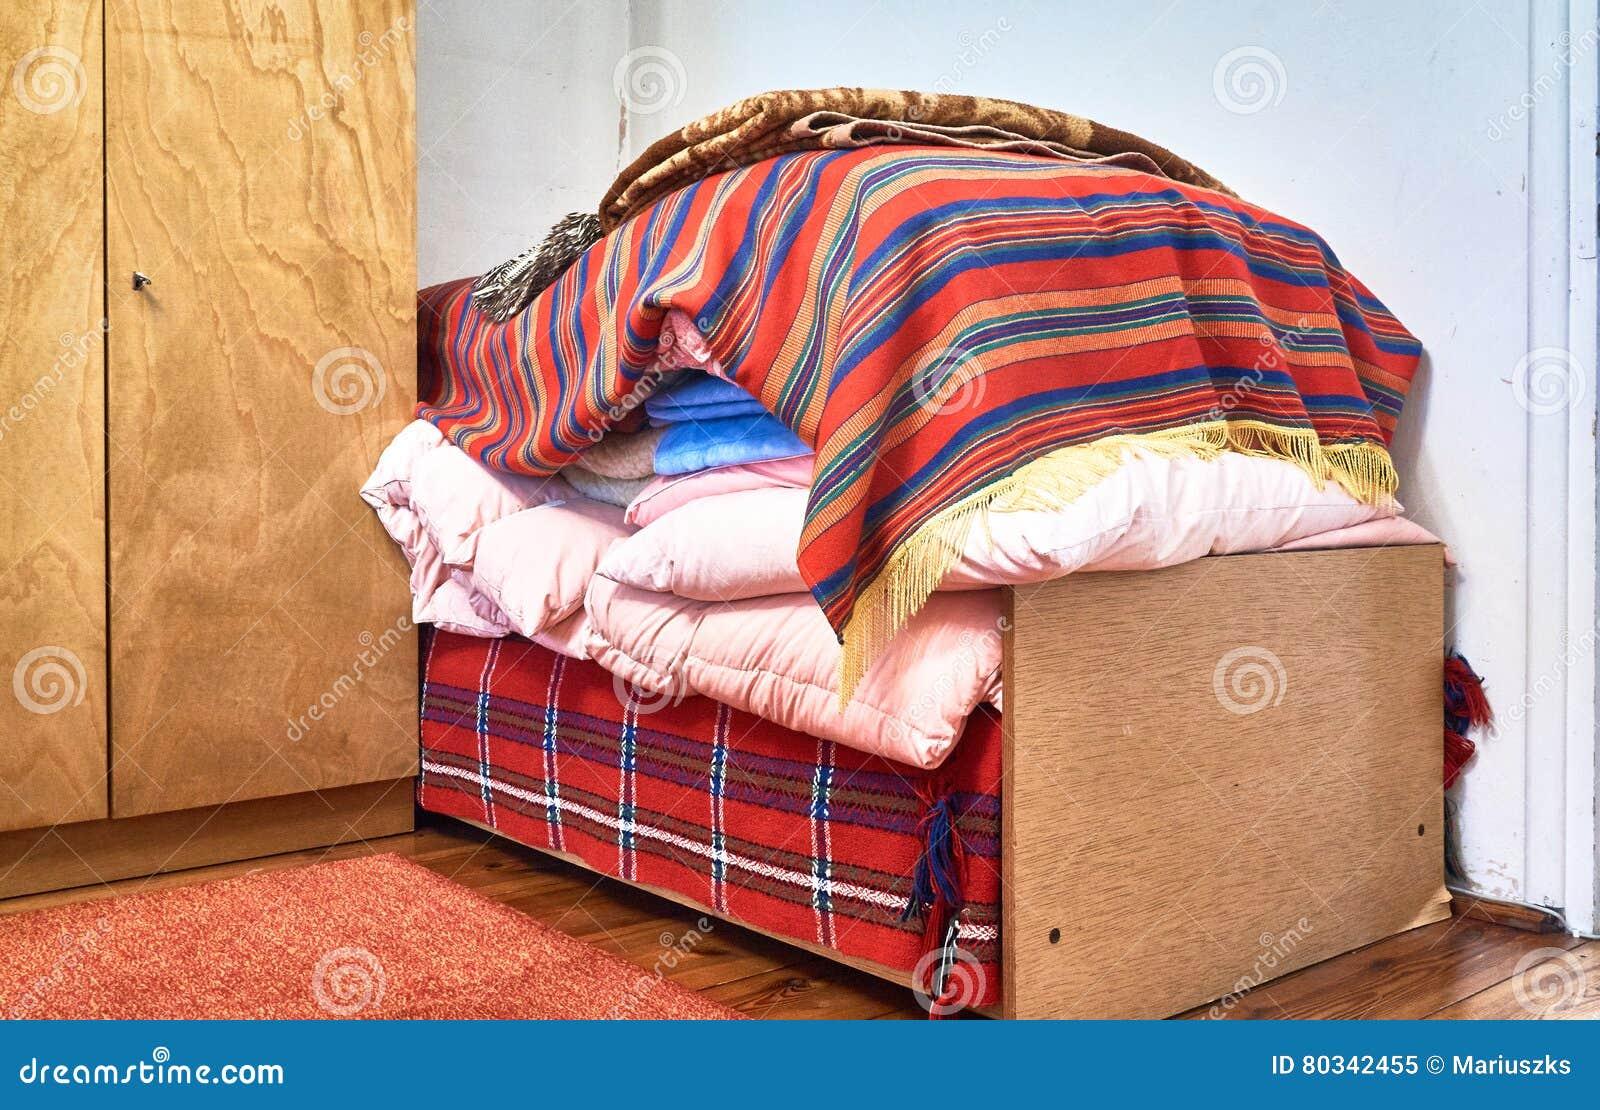 Chambre A Coucher Annees 70 vieille chambre à coucher et 70 années de lit image